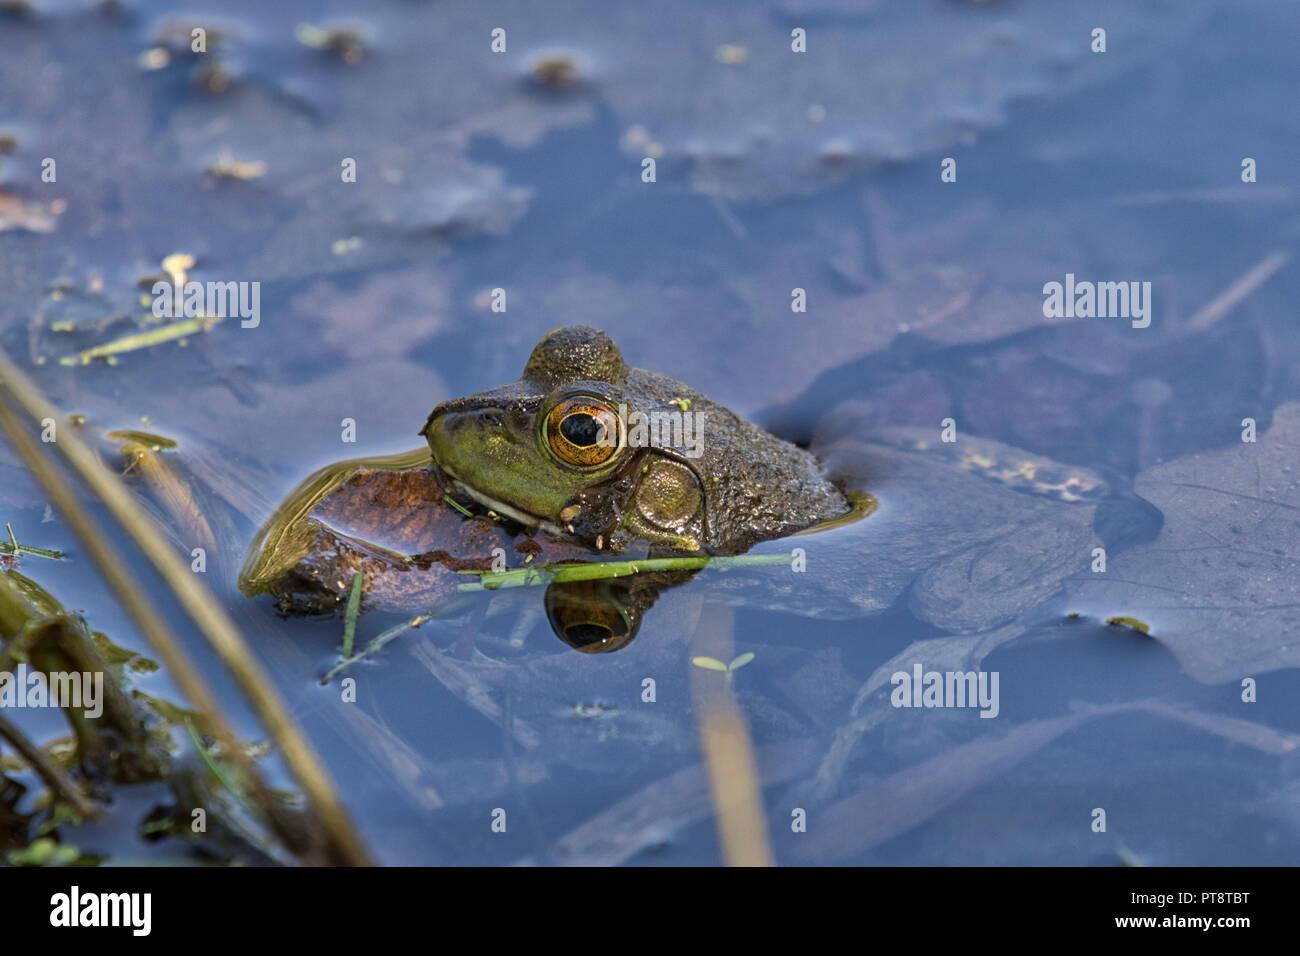 Amerikanische Ochsenfrosch versteckt im Wasser, Iowa, USA Stockbild